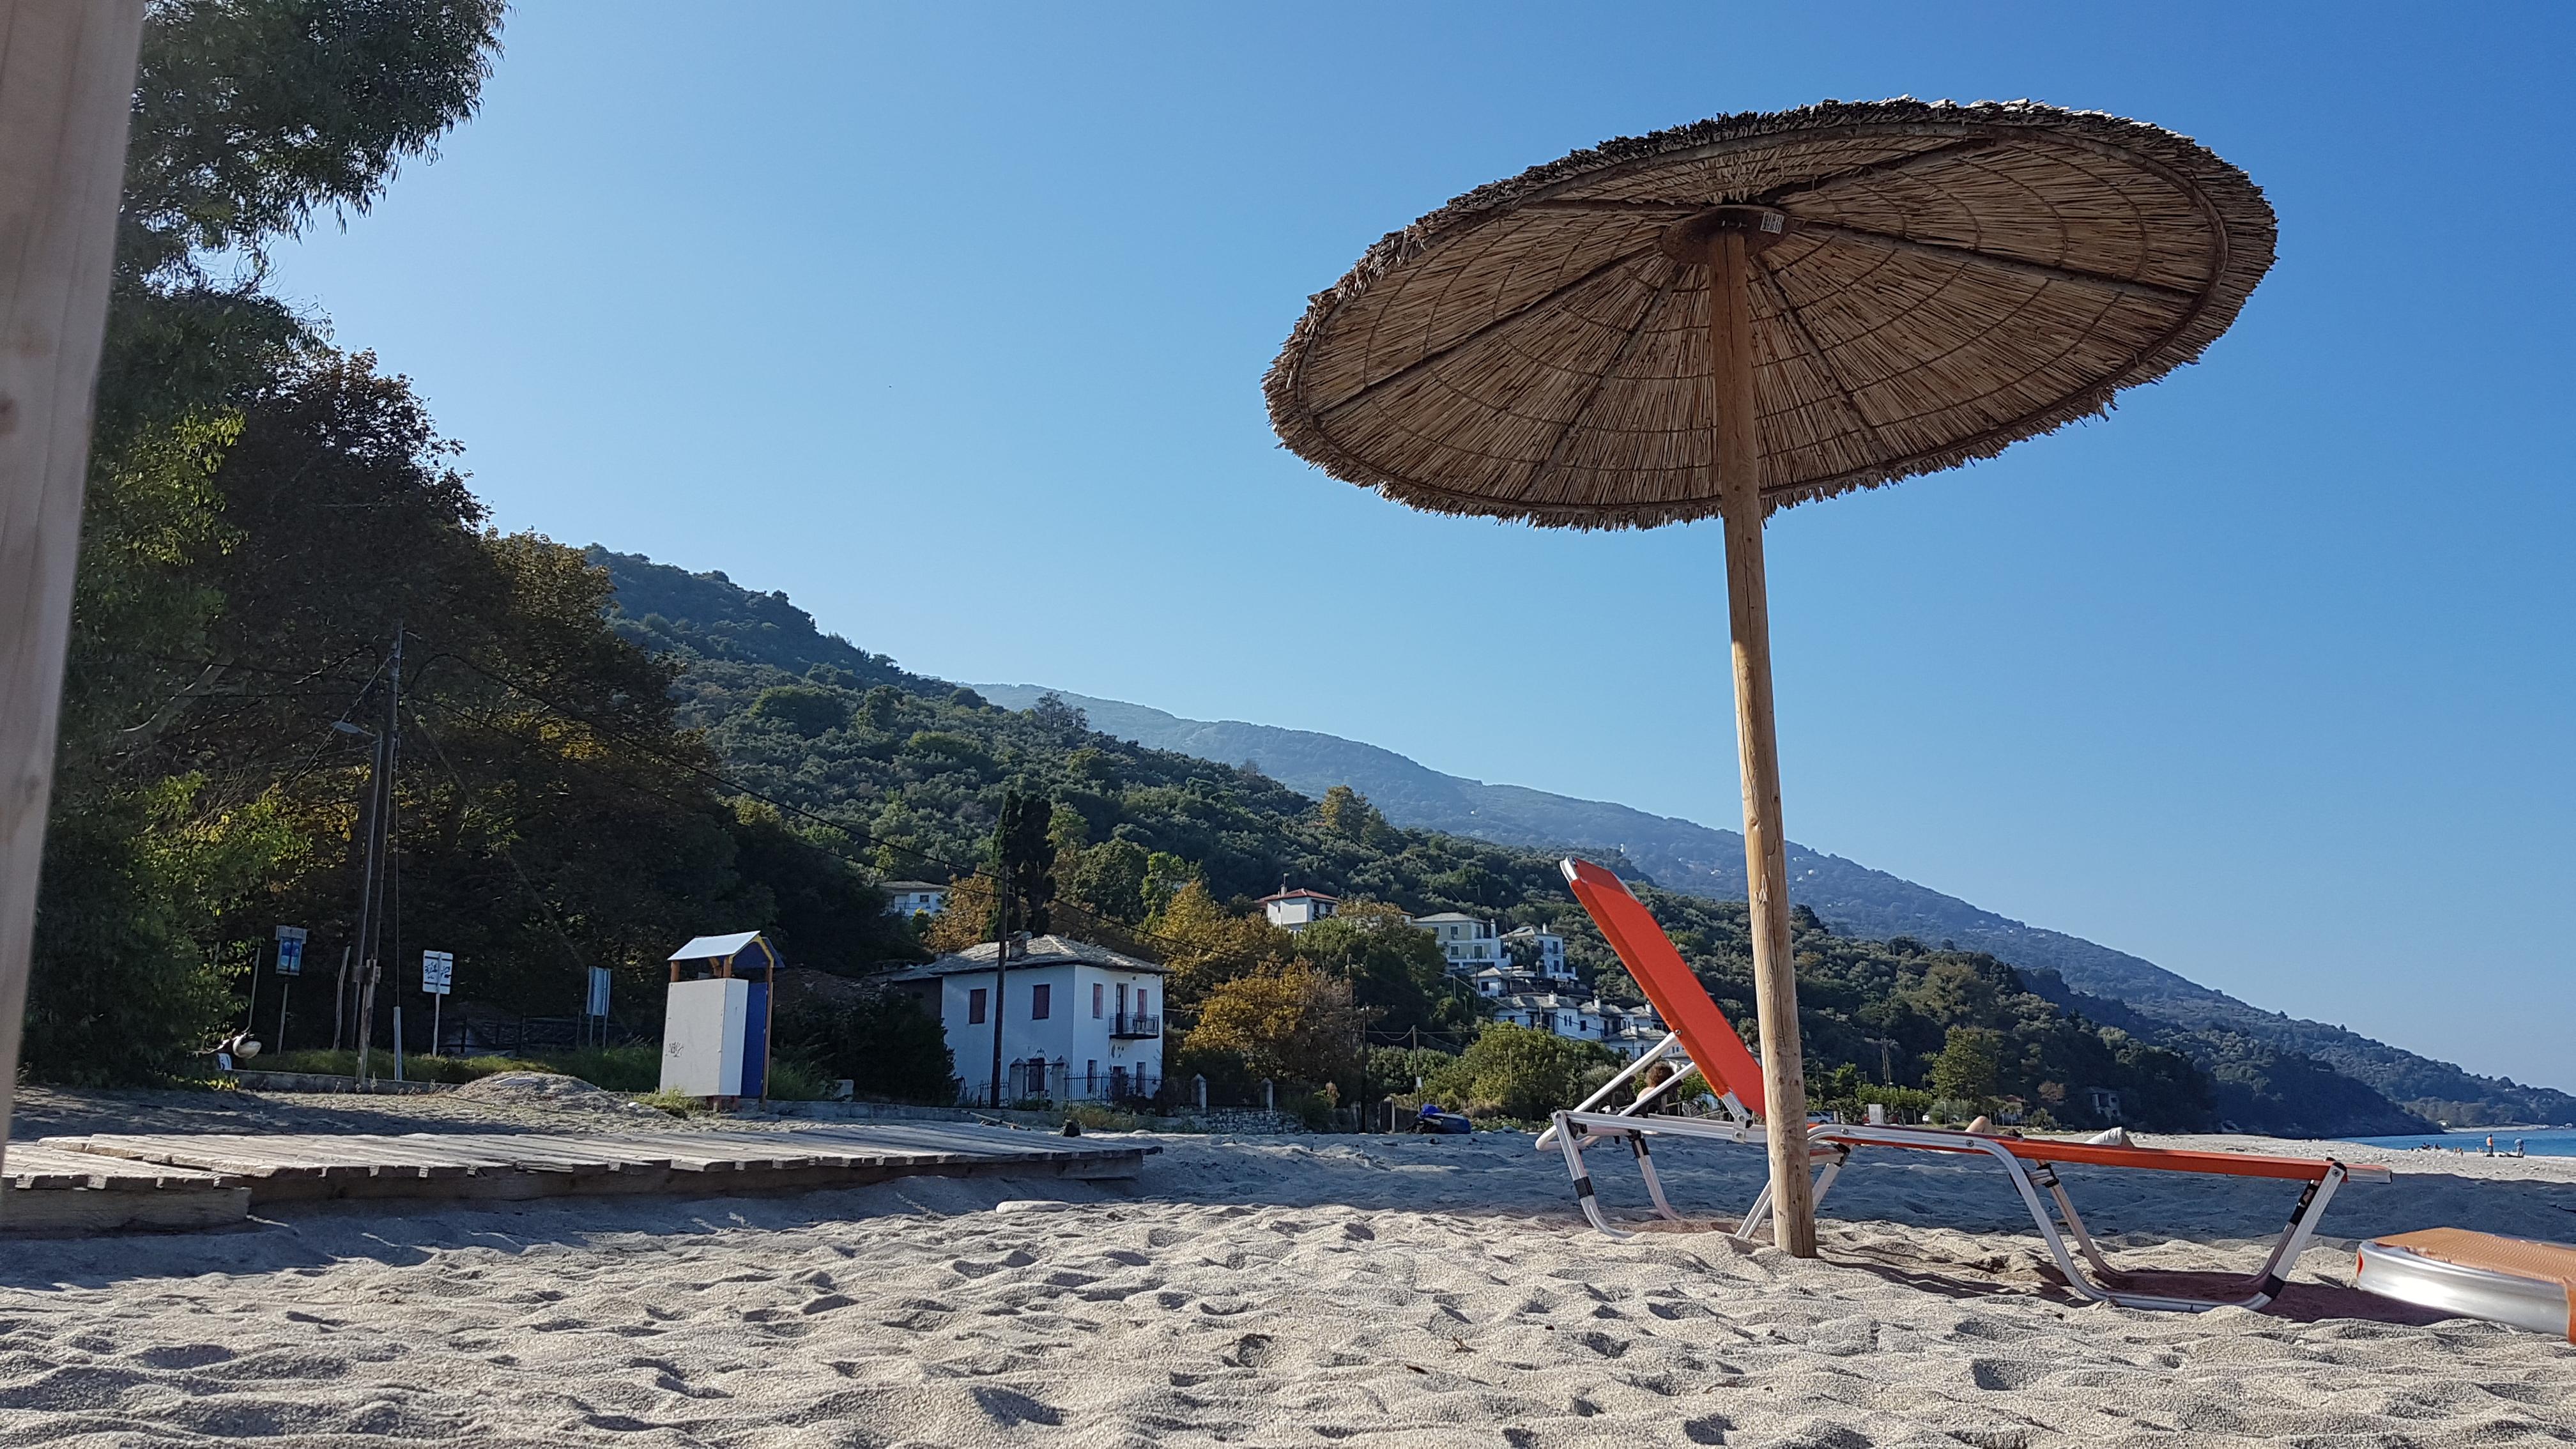 Strand von Chorefto mit einer Strandliege und einem Sonnenschirm aus Schilf